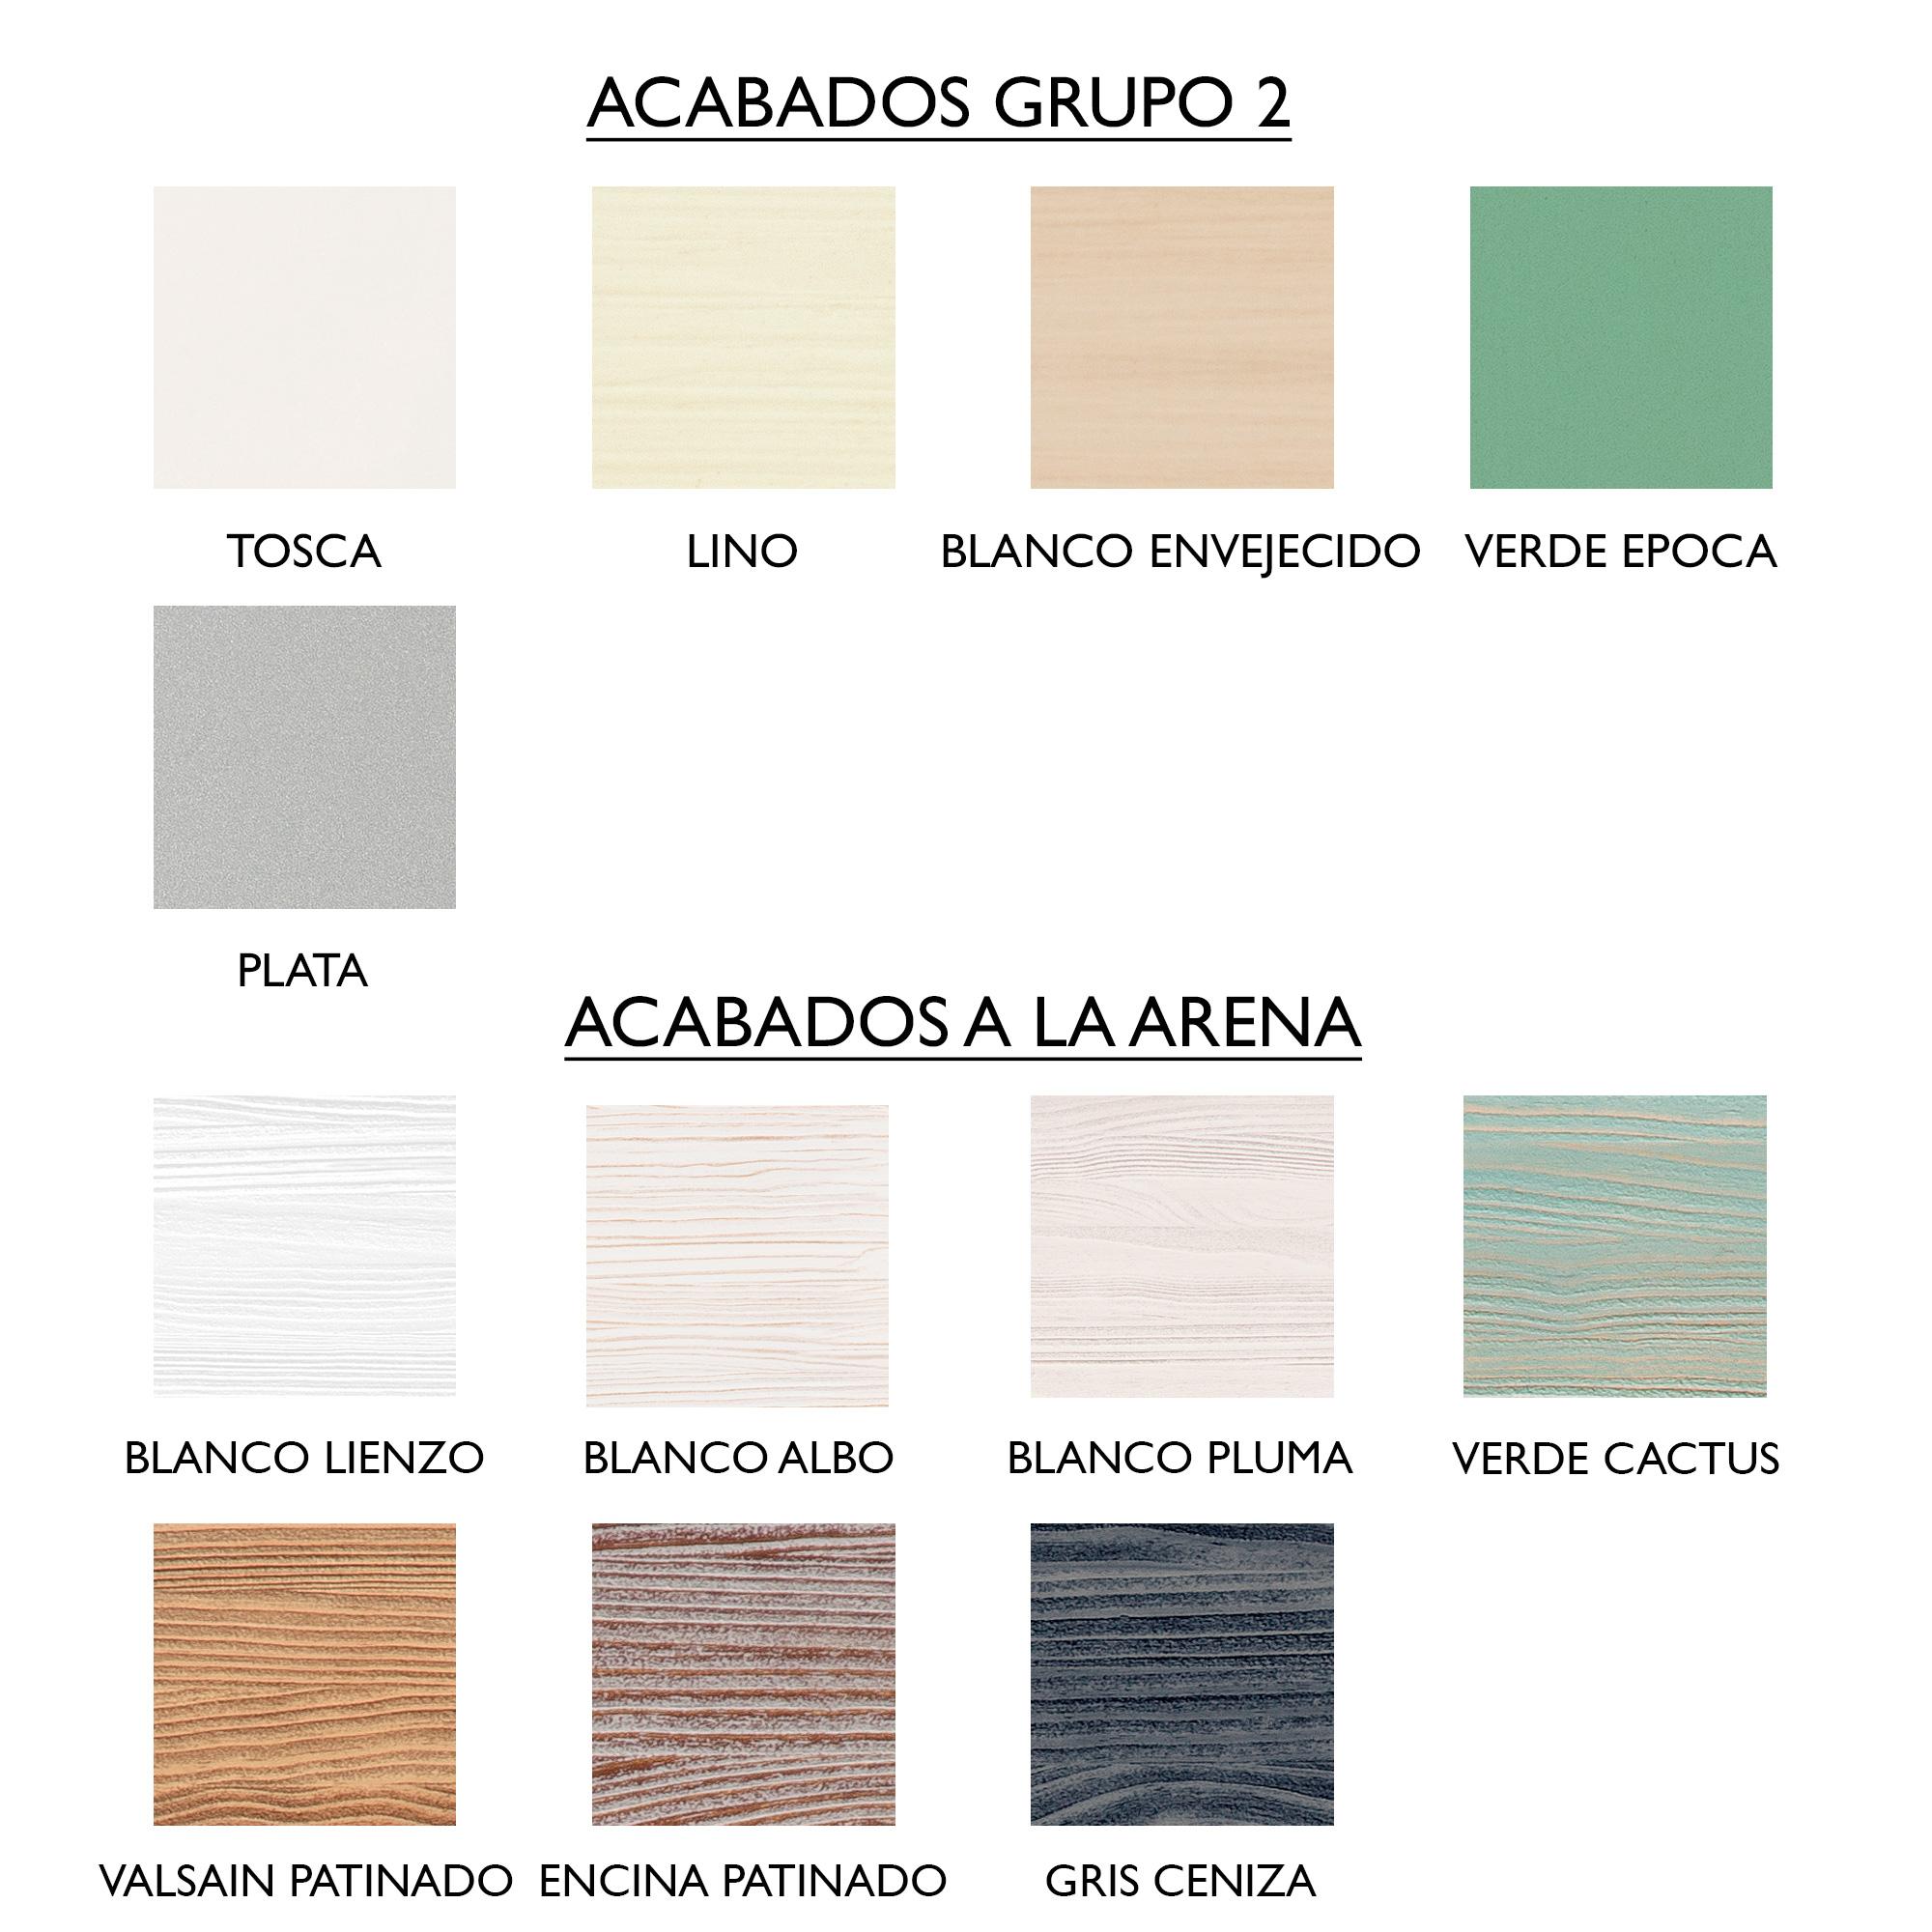 ACABADOS GRUPO 2 Y A LA ARENA